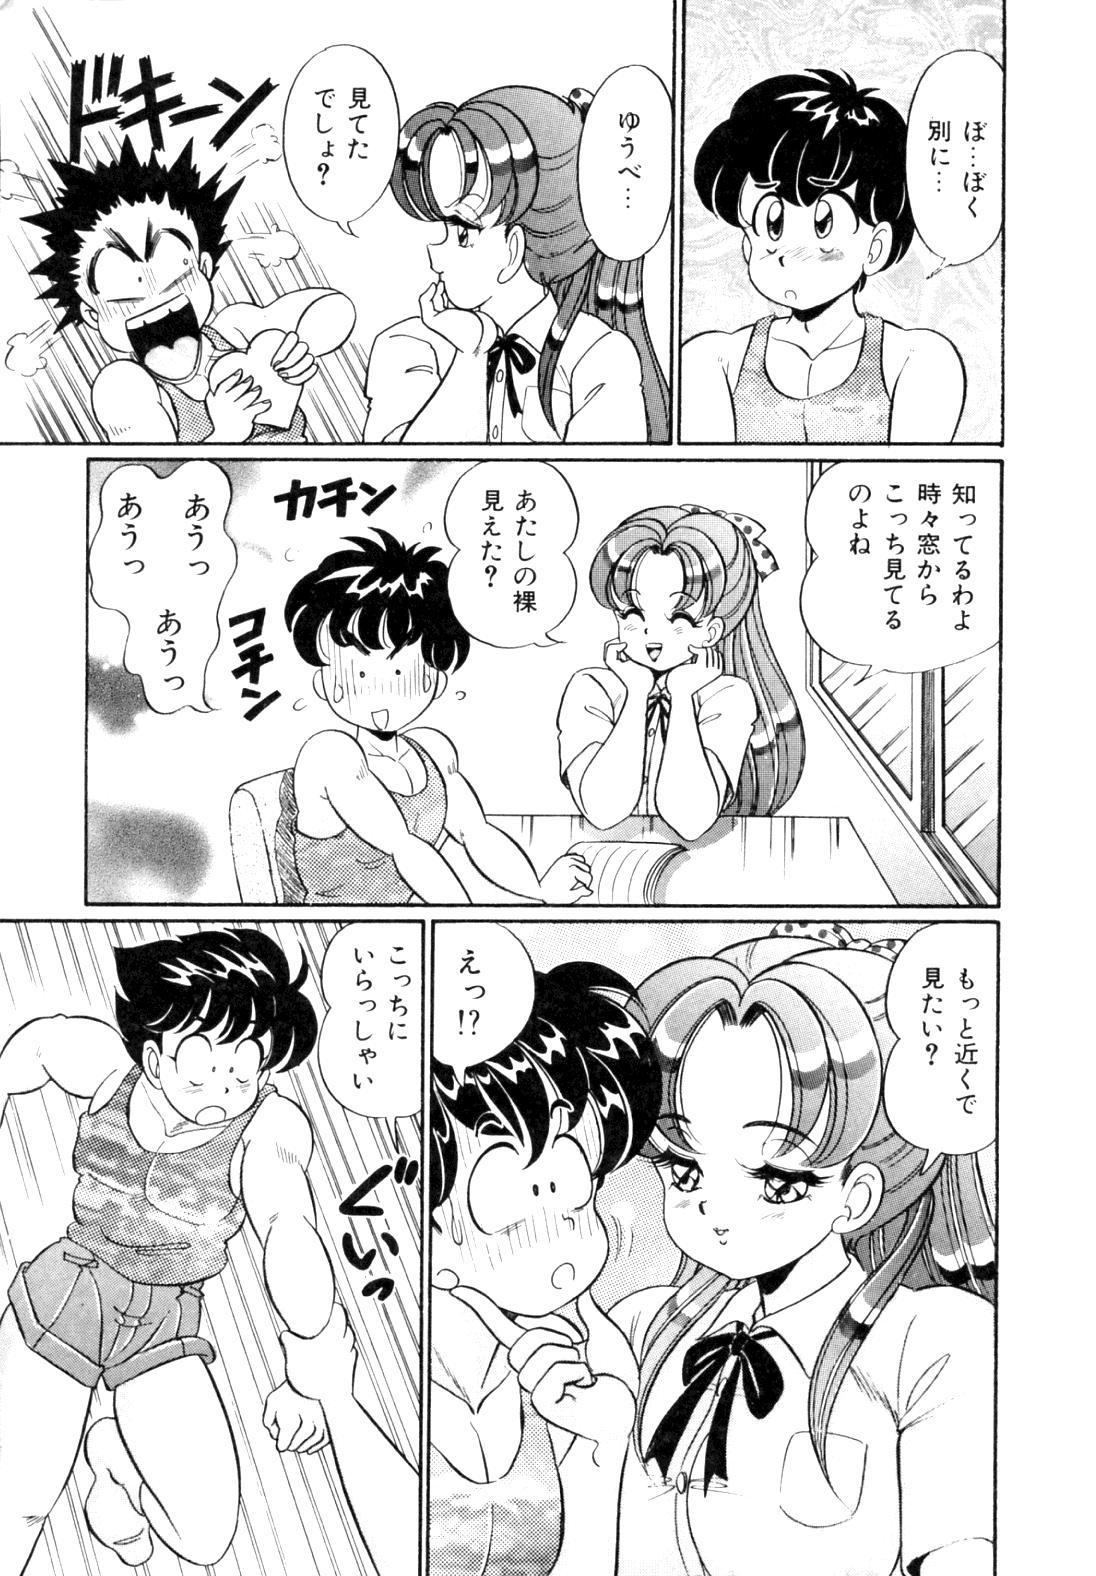 [Watanabe Wataru] Tonari no Onee-san - Sister of Neighborhood 14